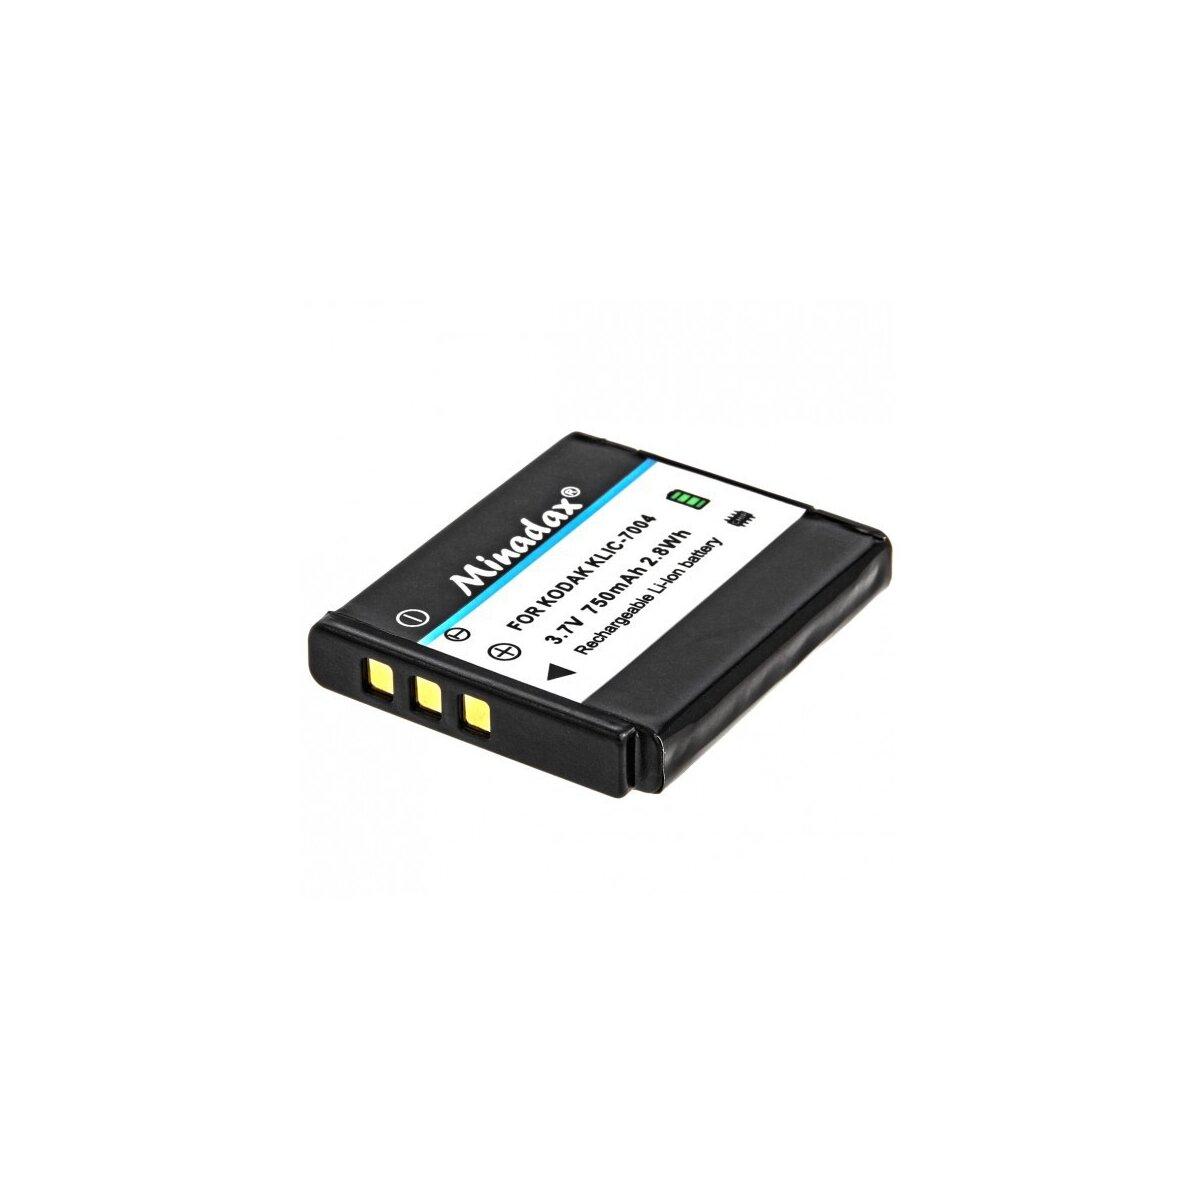 Minadax® Qualitaetsakku mit echten 750 mAh fuer Kodak Easyshare M1033 M1093IS V1073 V1233 V1253 V1273 M 1033 1093is V 1073 1233 1253 1273, wie KLIC-7004 - Intelligentes Akkusystem mit Chip